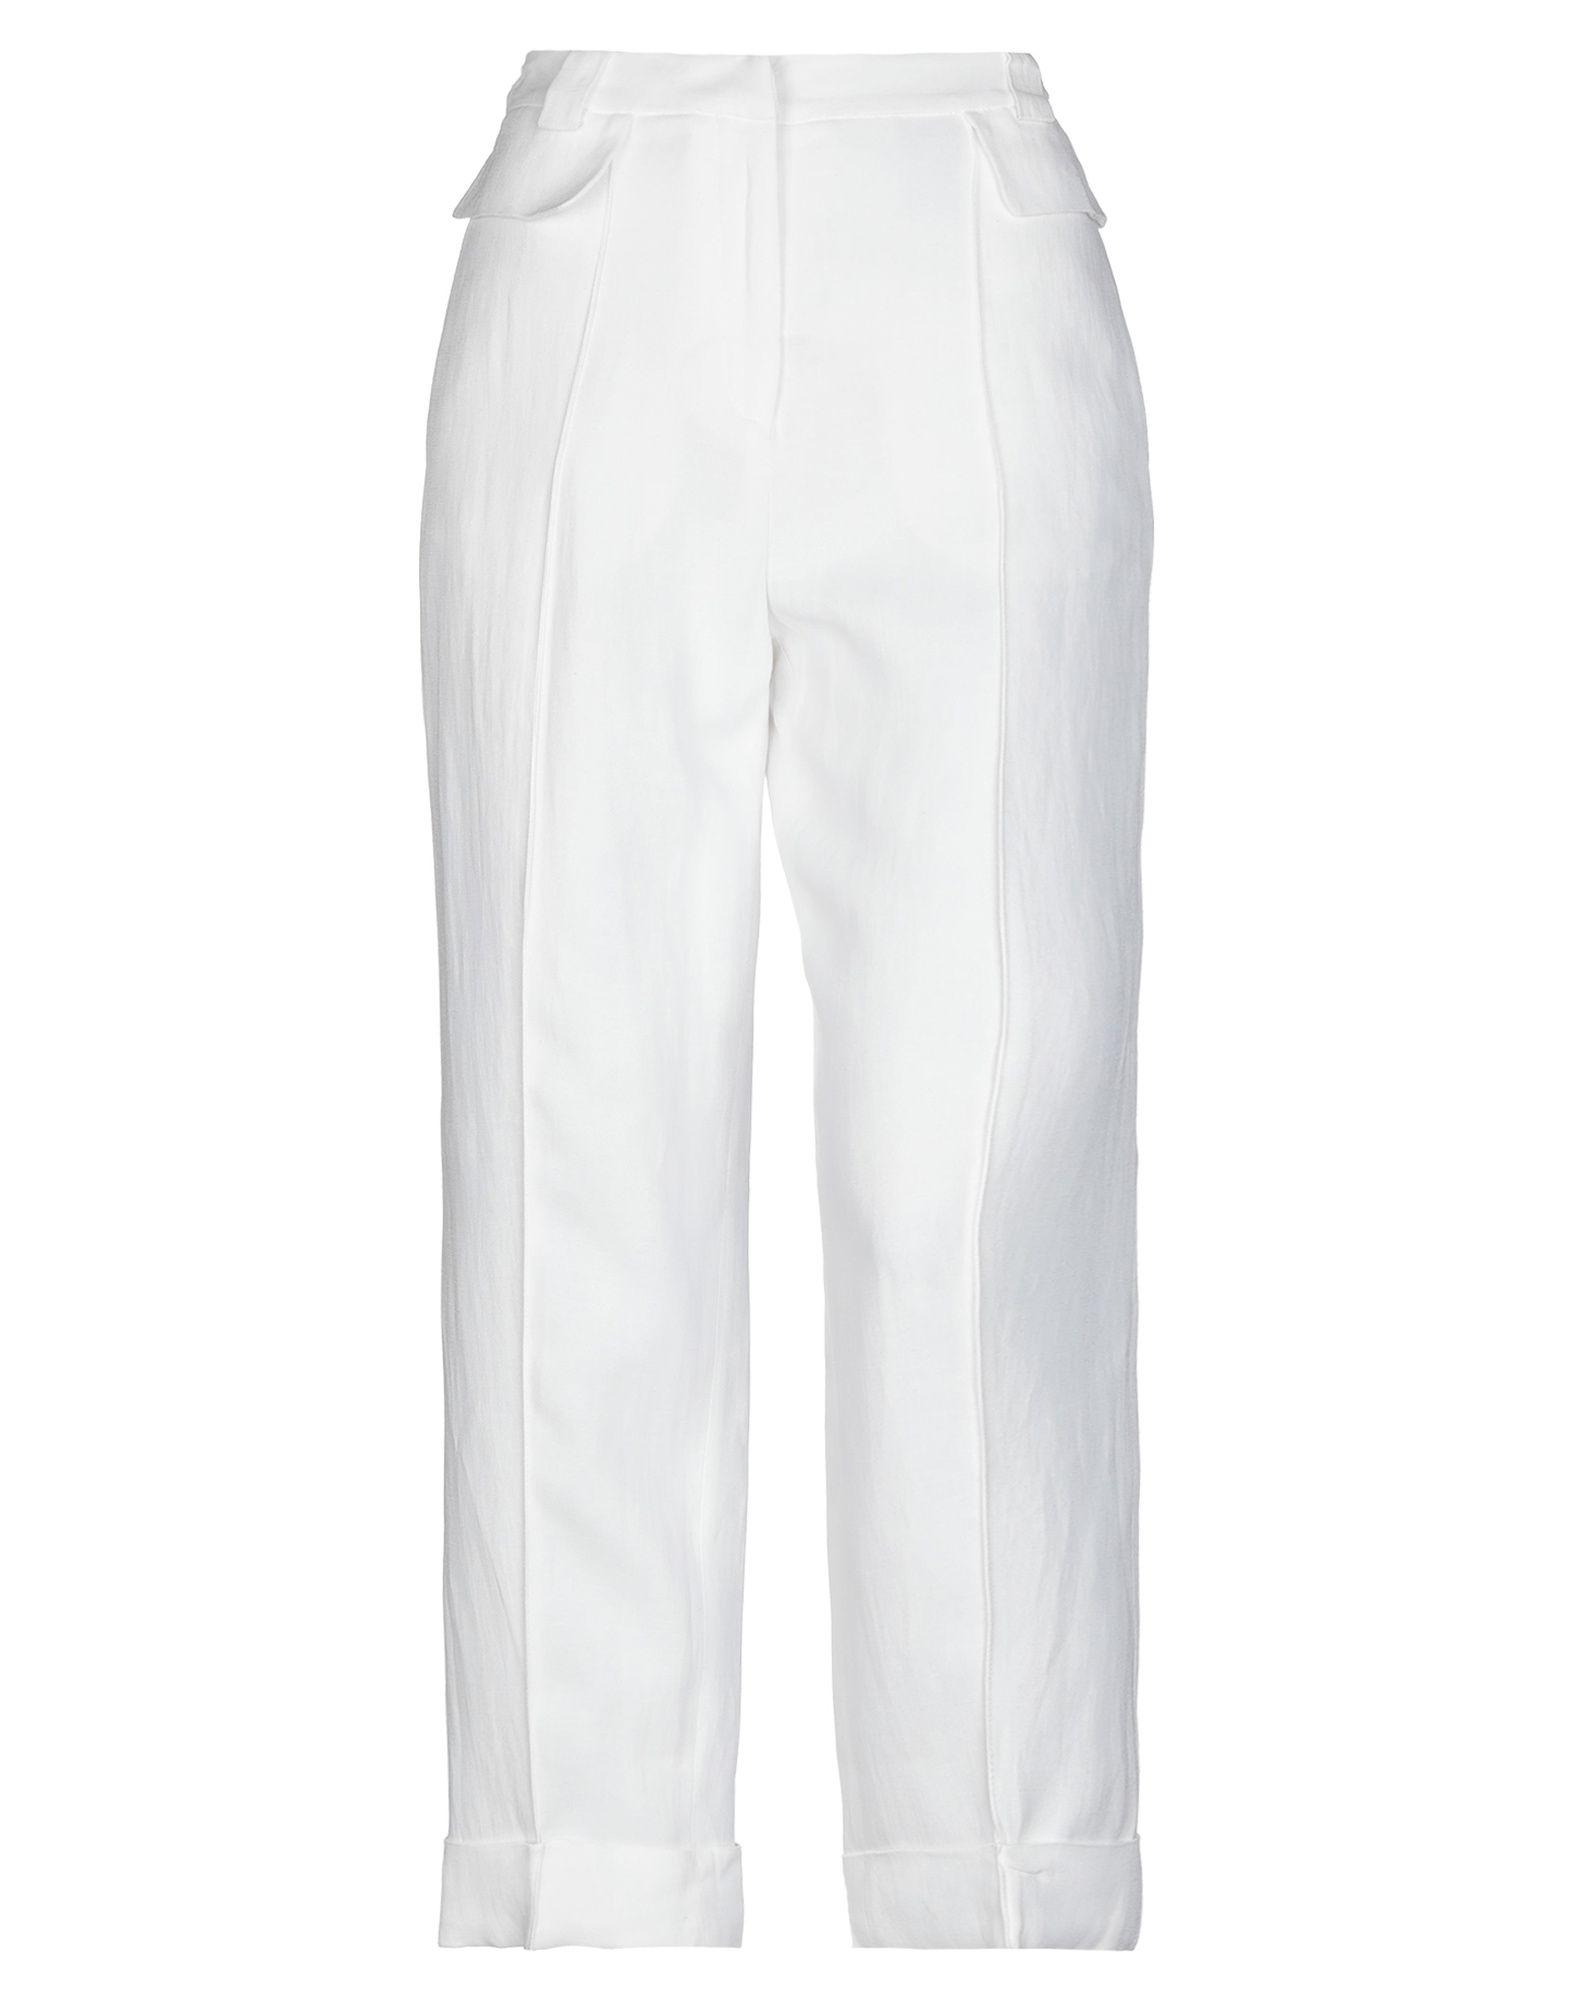 ROBERTA FURLANETTO Повседневные брюки roberta furlanetto пиджак